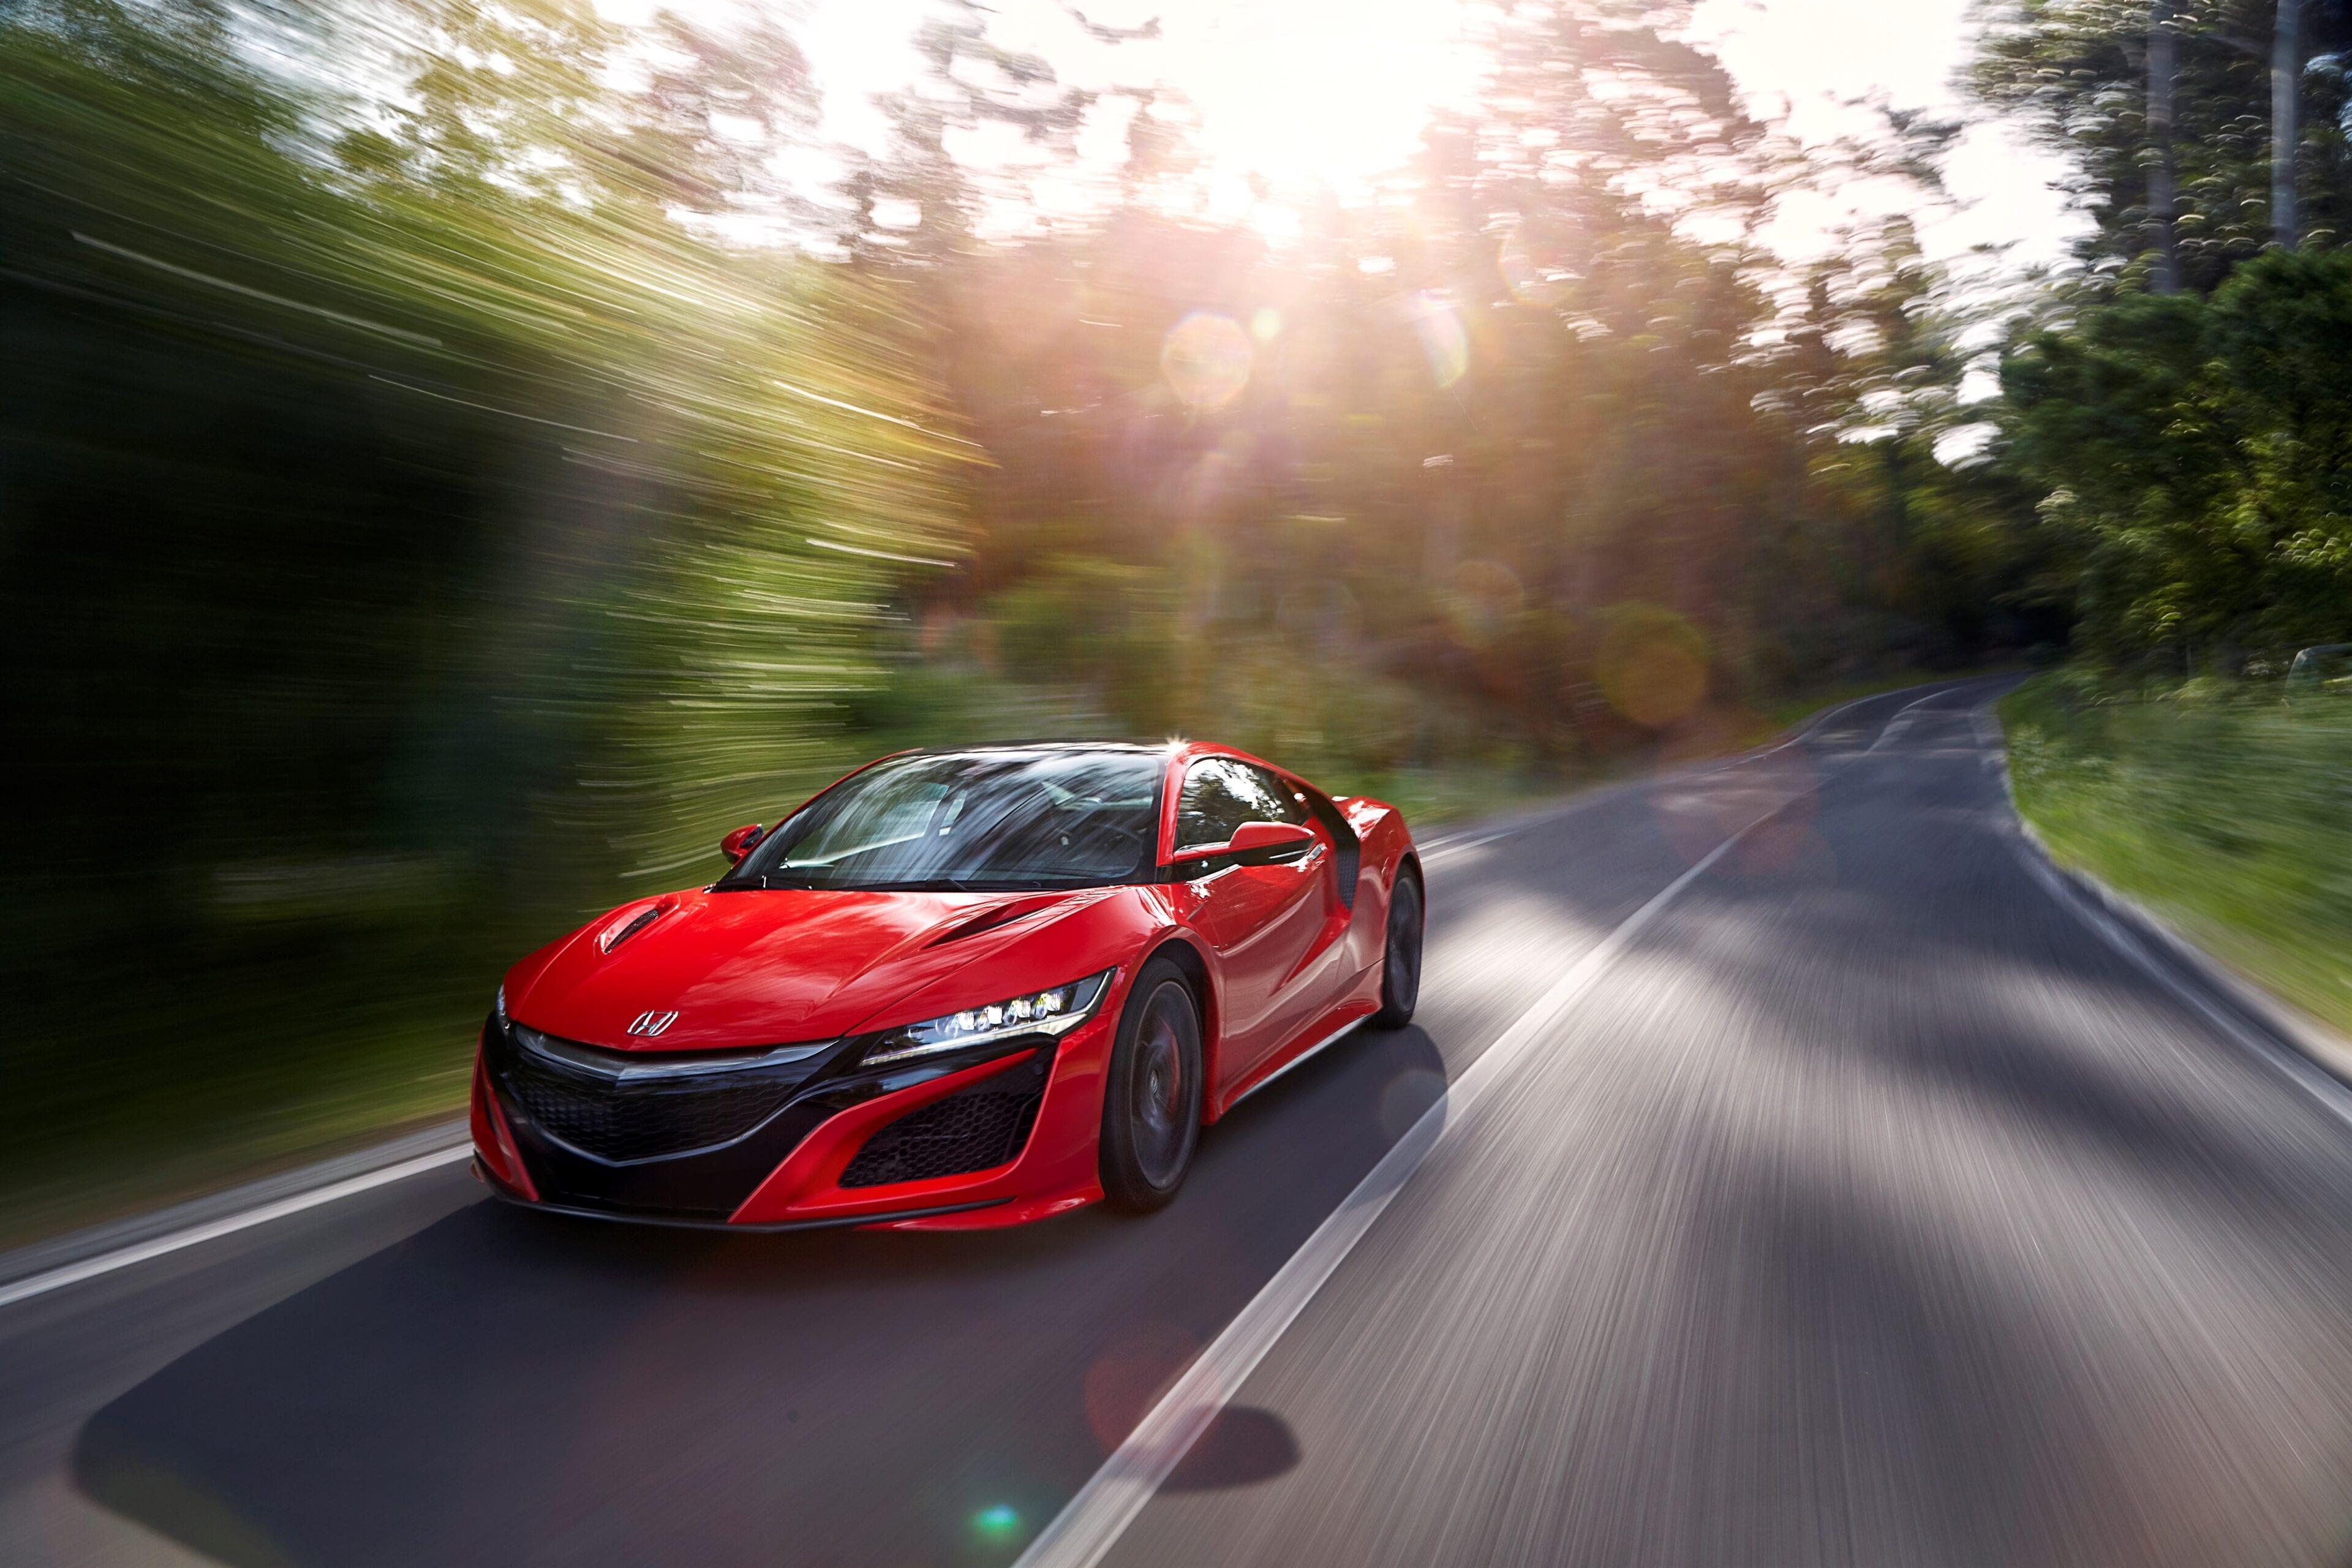 Een hybride supercar die zinderende circuitprestaties afzet tegen alledaags rijvermogen.